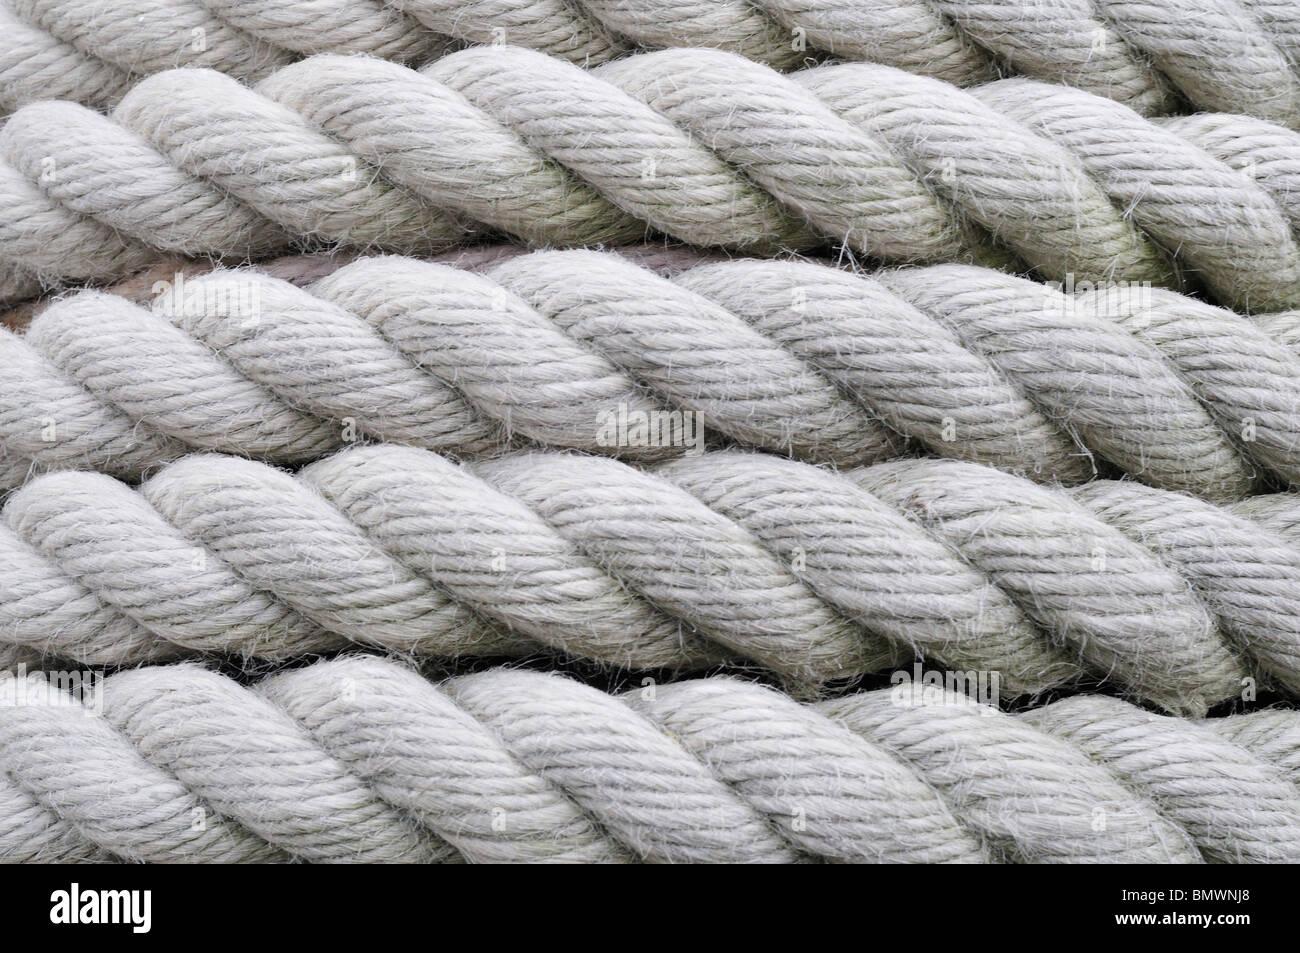 Rope, London, United Kingdom - Stock Image